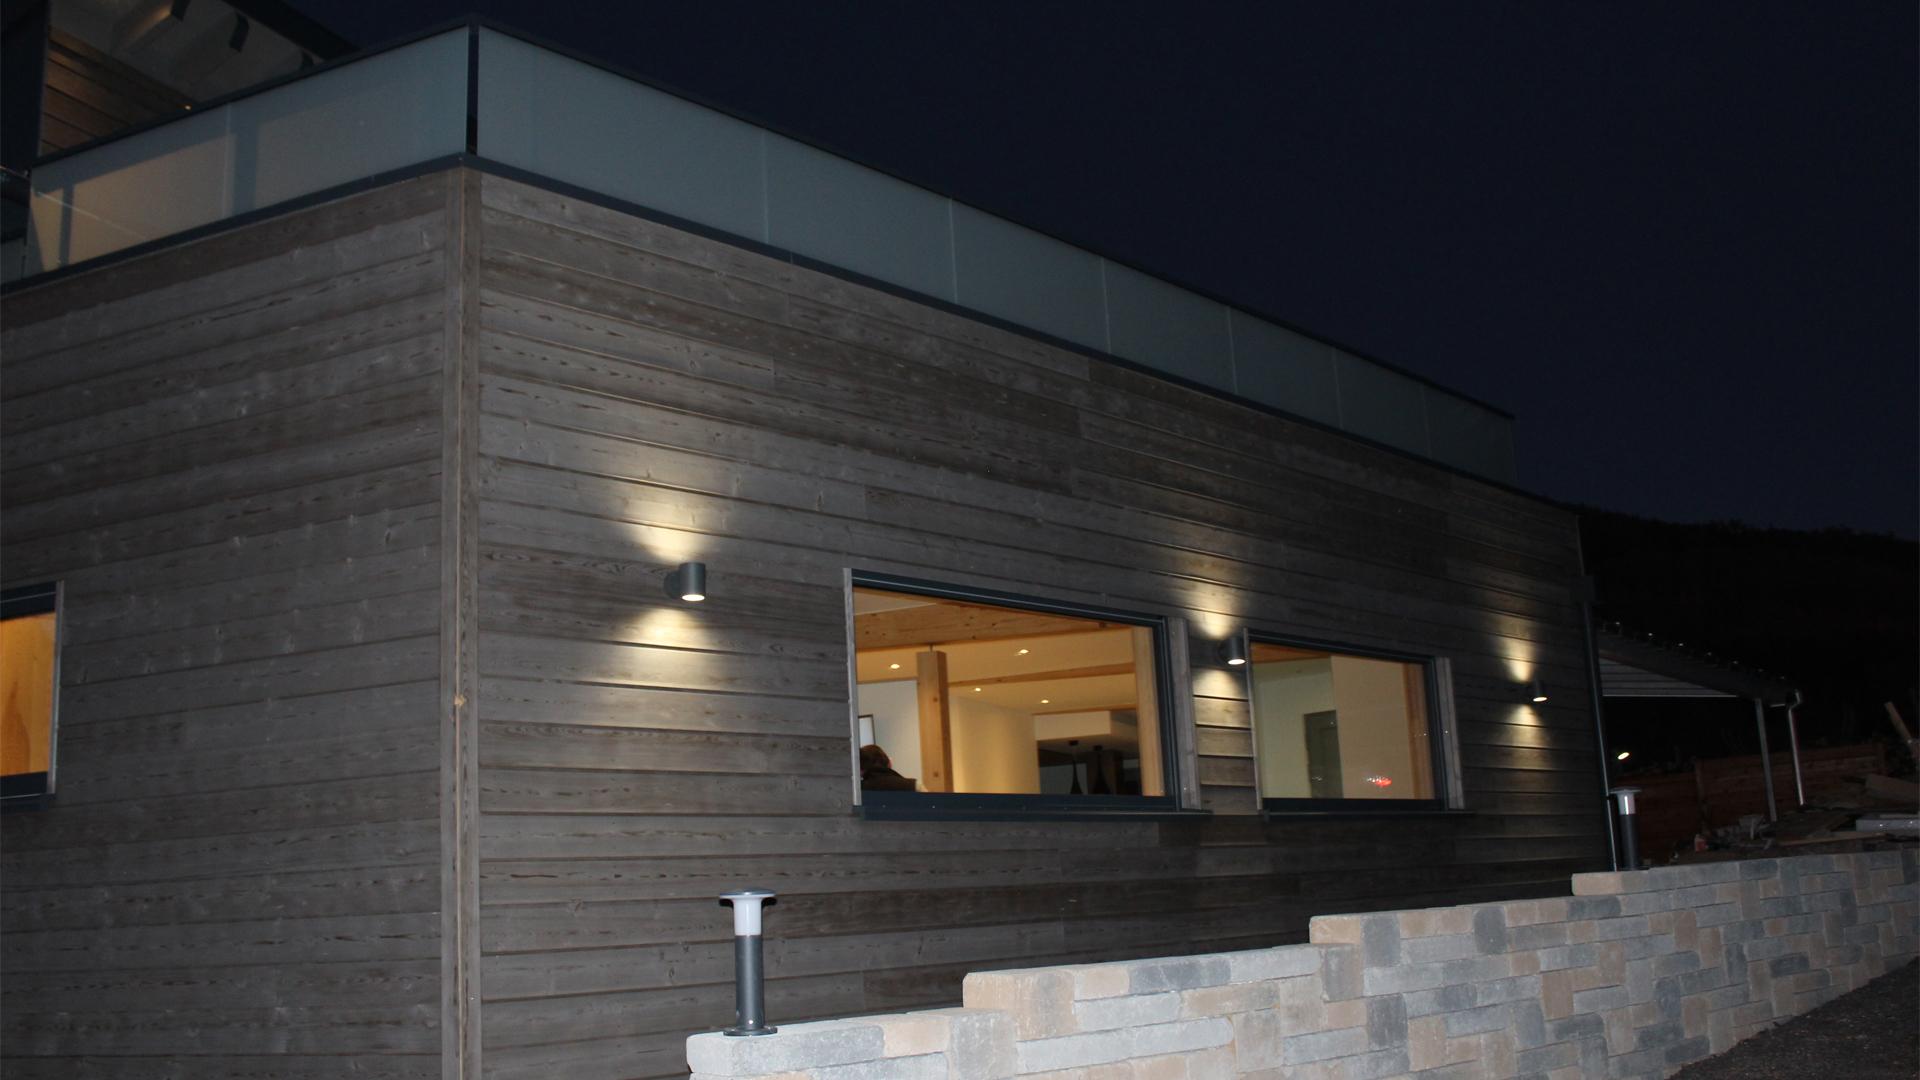 maison ossature bois - Vosges St Die 2 - 03